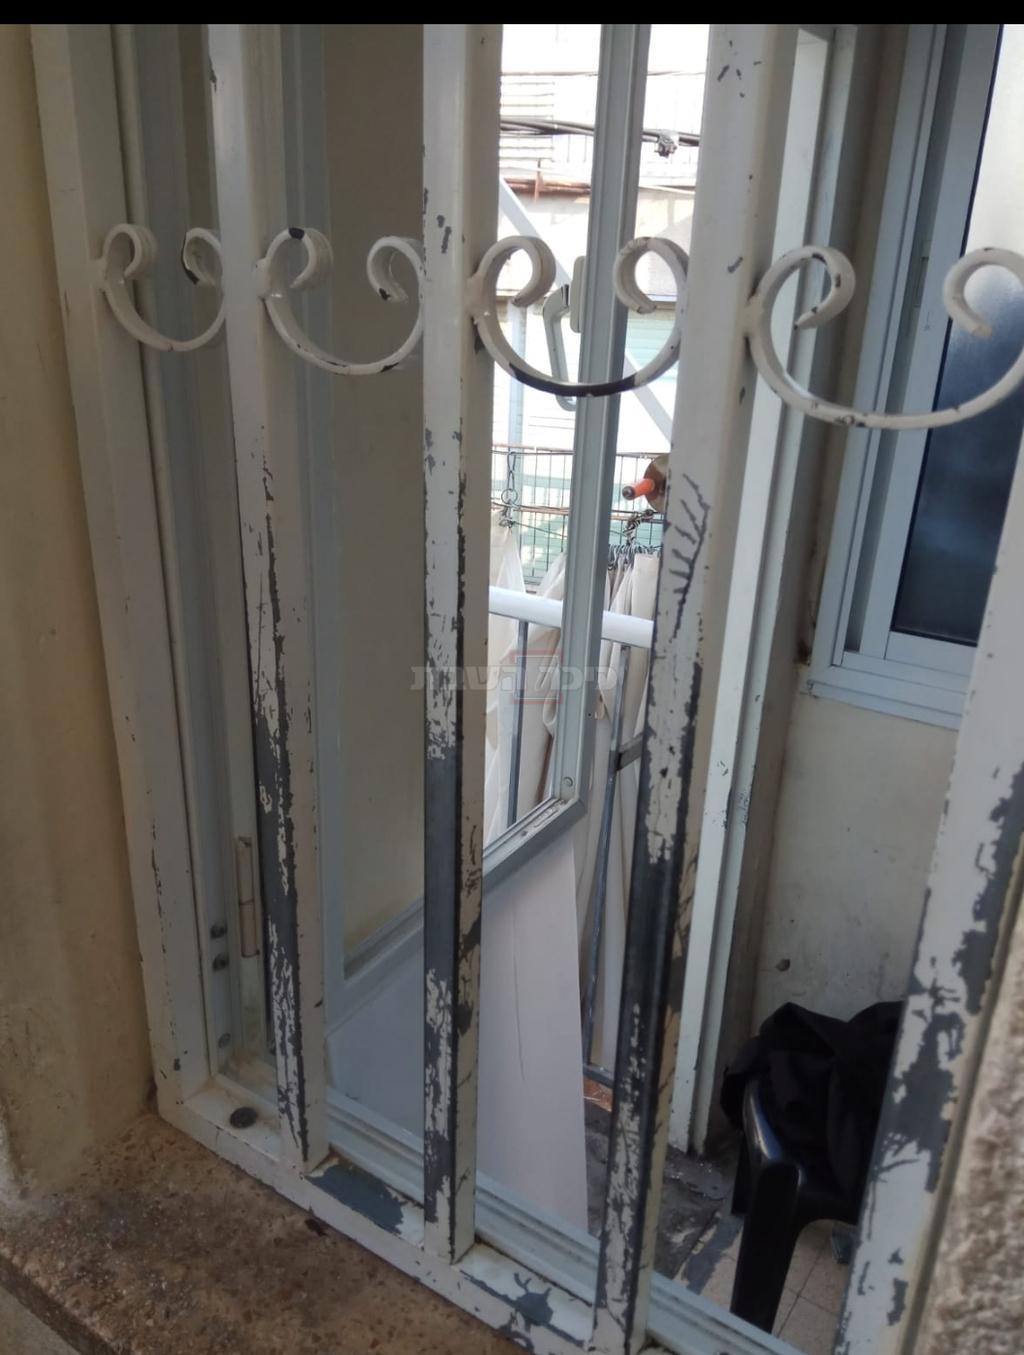 חלון הכניסה לבית שנפרץ